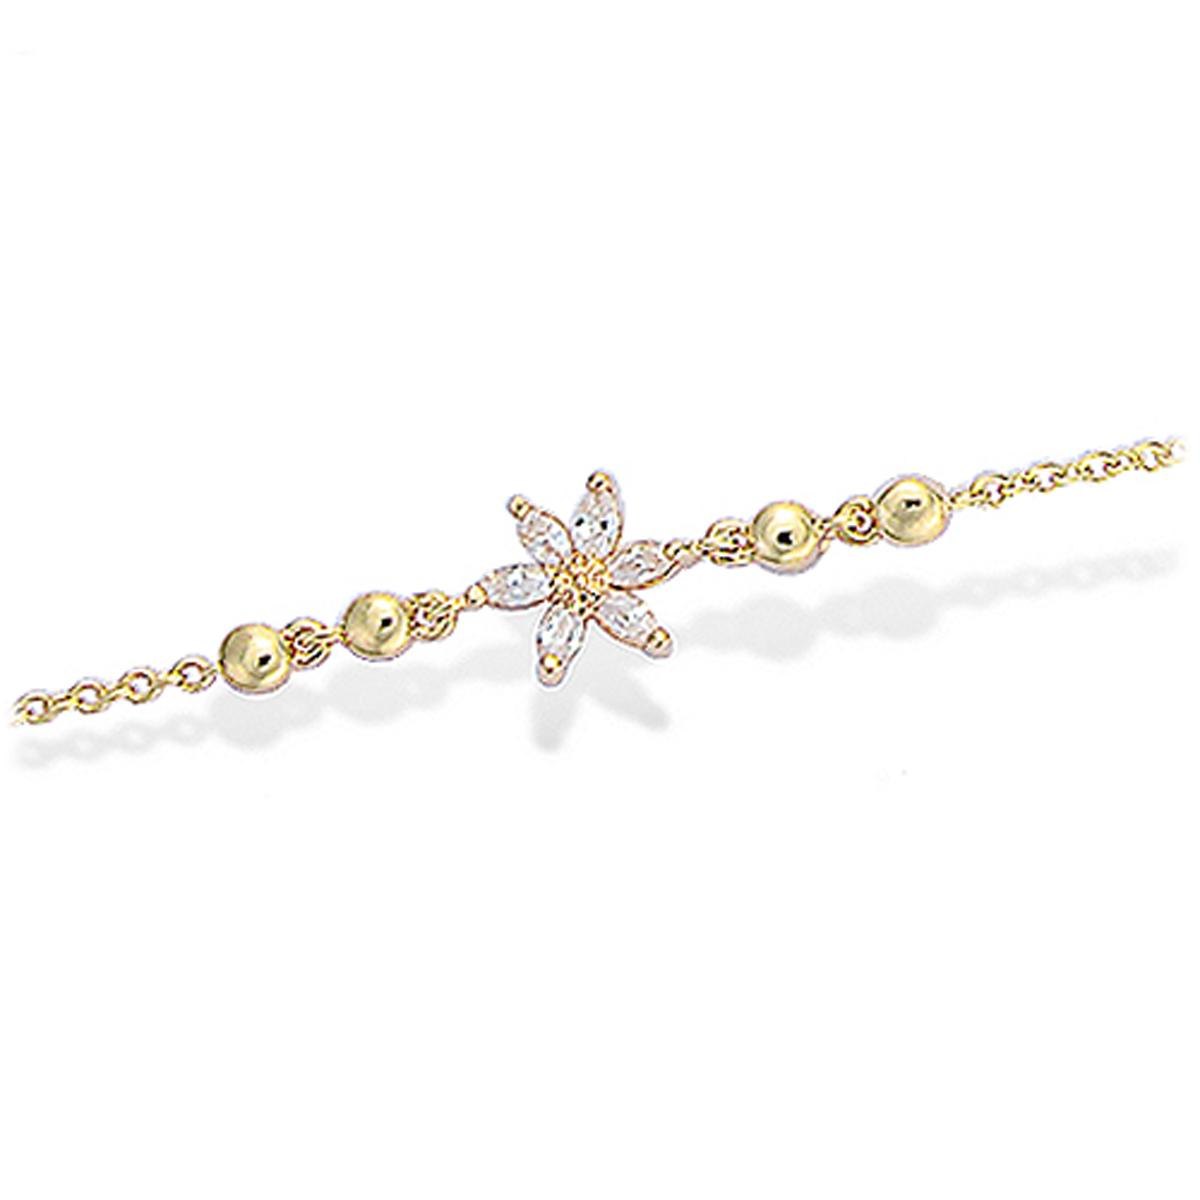 Bracelet Plaqué or \'Flora\' blanc doré - 7 mm - [L1301]